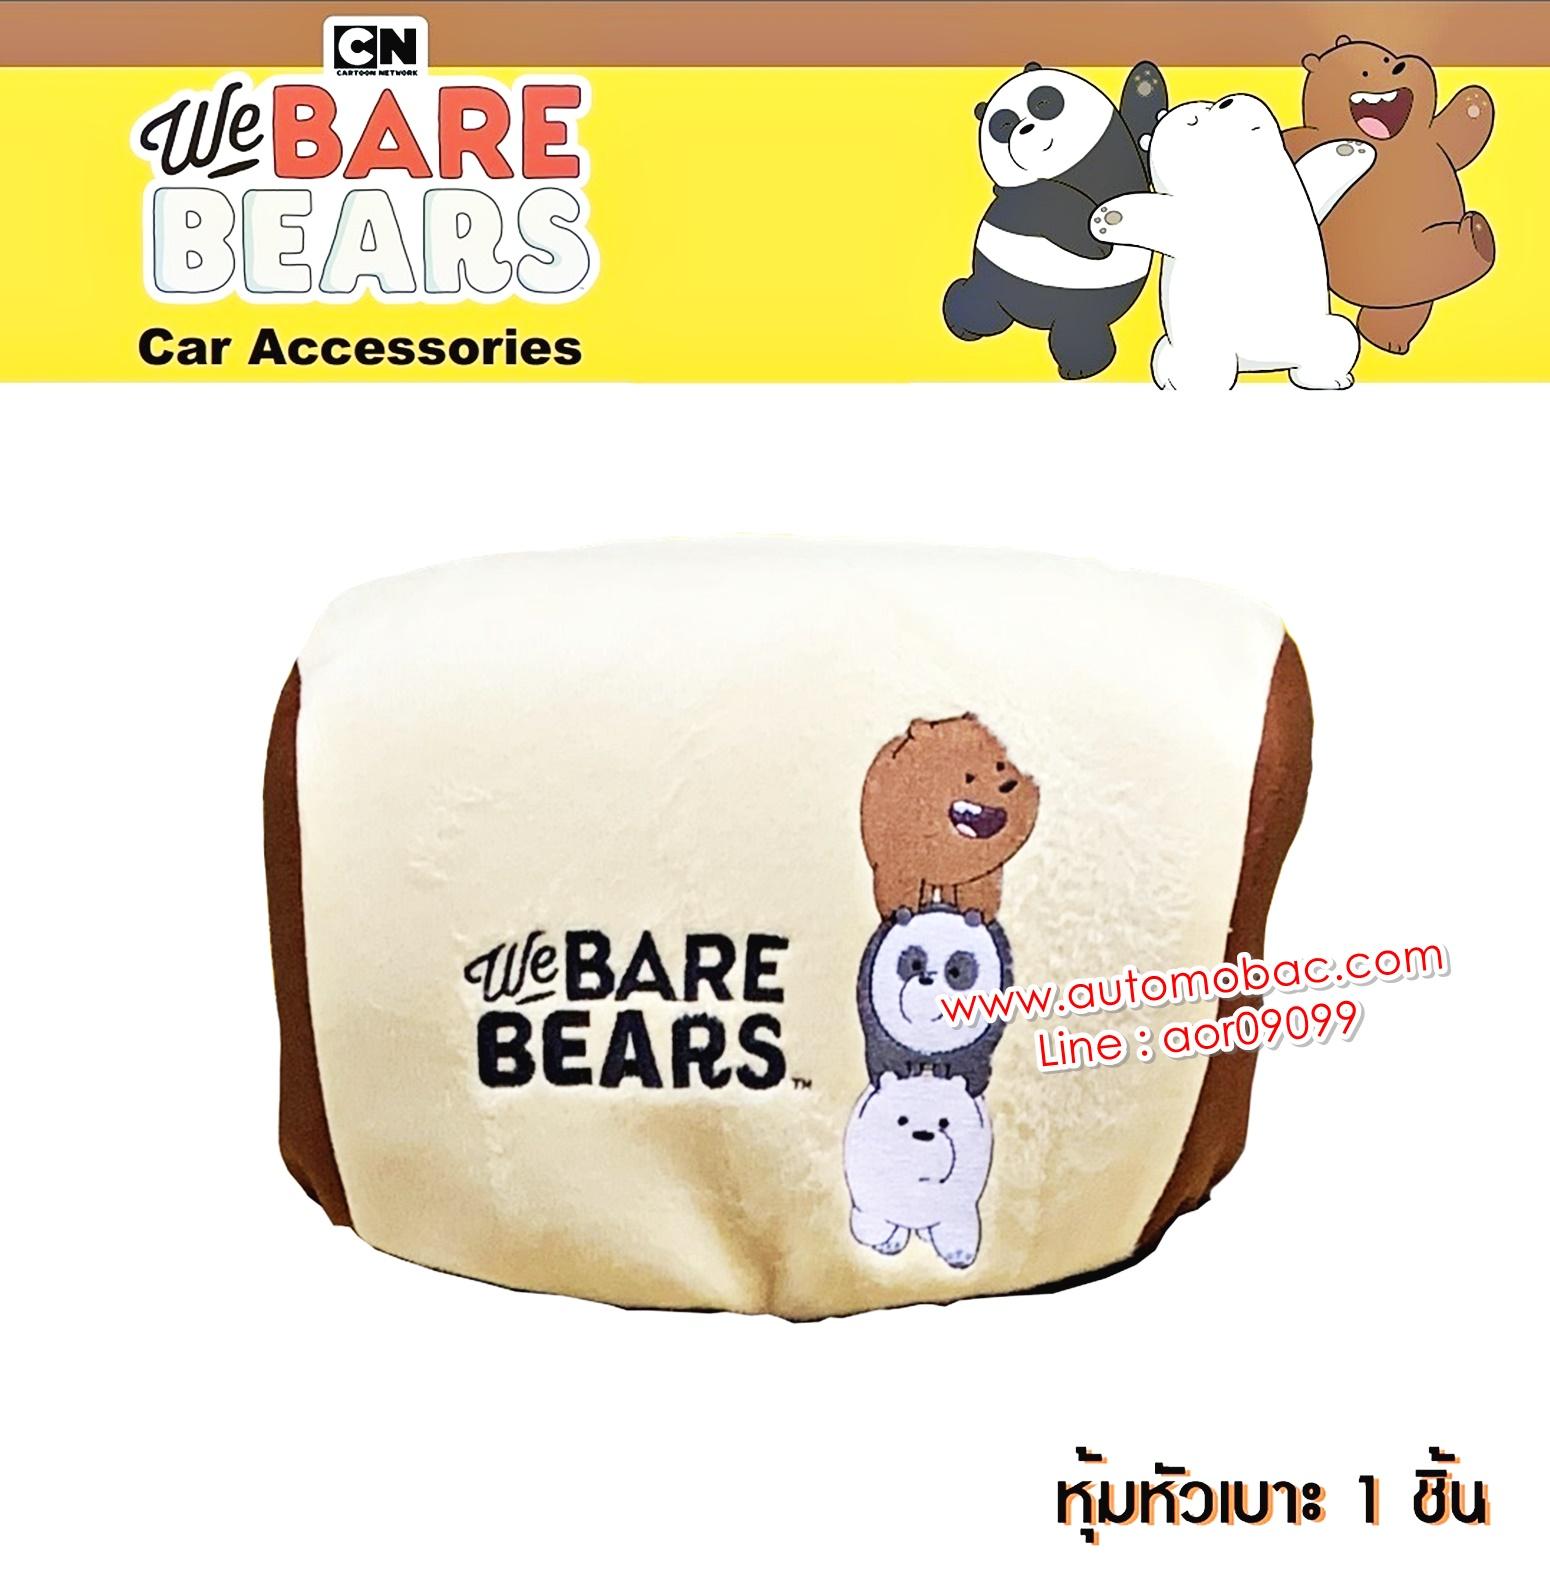 We Bare Bears v.2 หมีจอมป่วน สีครีม ผ้าหุ้มหัวเบาะหน้า 1 ชิ้น Head Rest Cover กันรอยและสิ่งสกปรก แท้